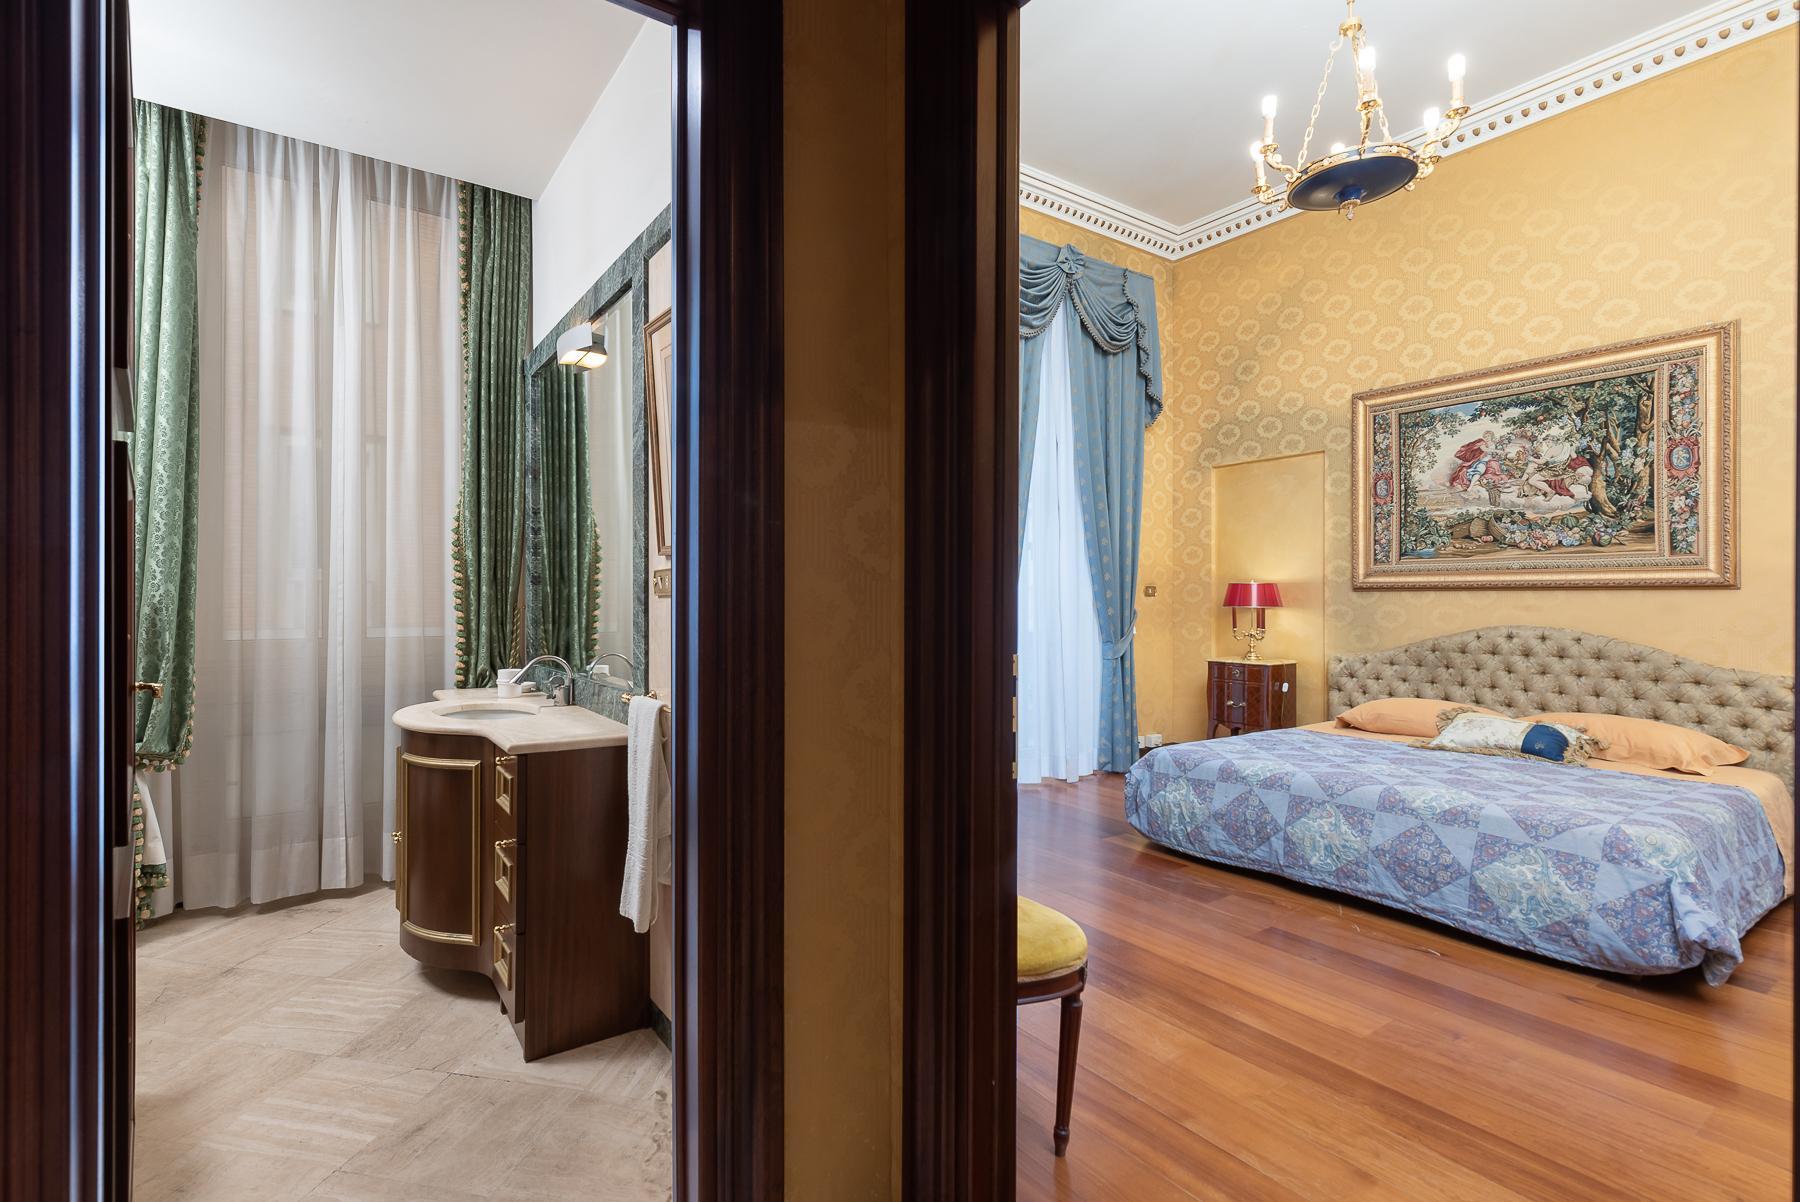 Роскошная квартира с большой террасой  в элегантном здании начала 900 года - 24